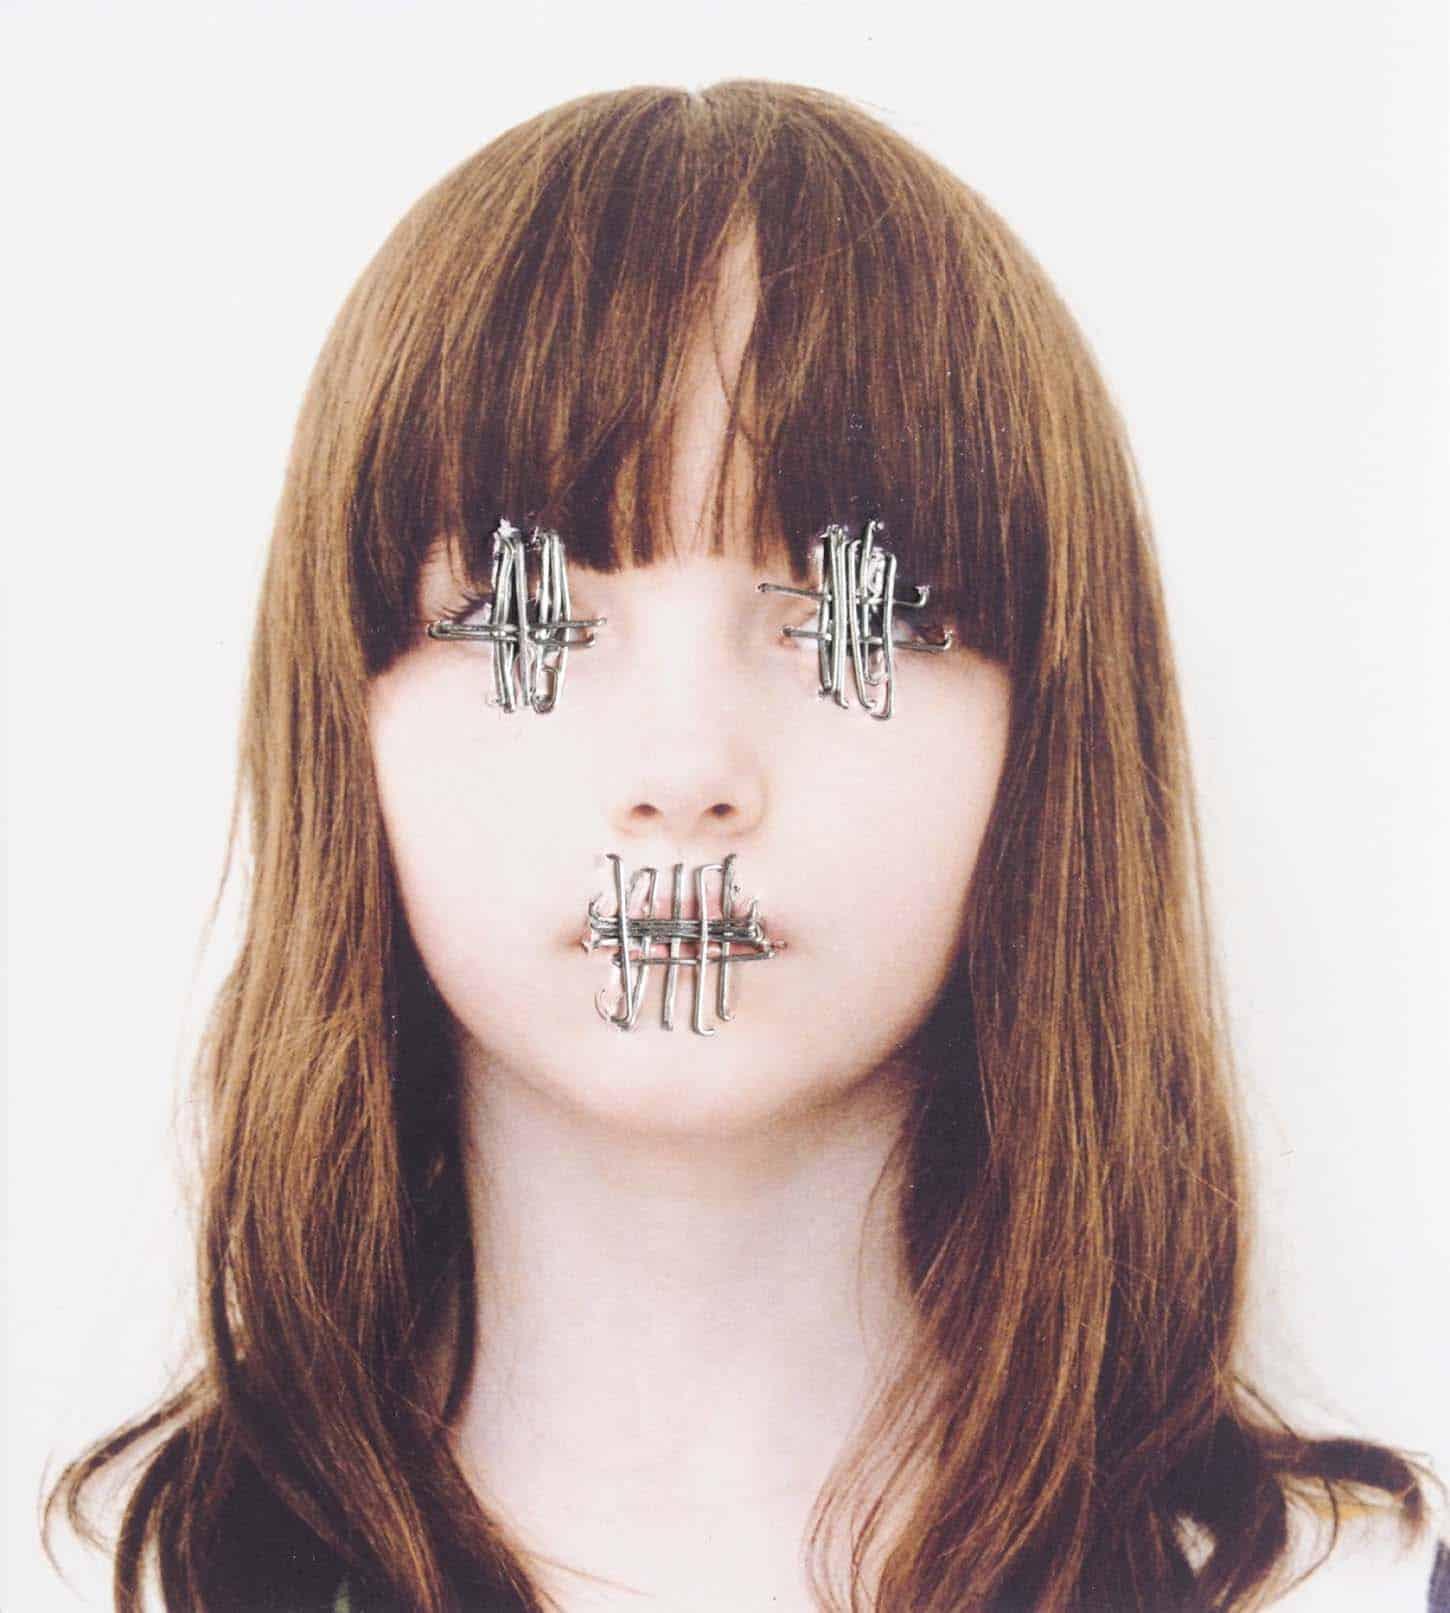 Eric Pougeau, La jeune fille, photographie agrafée, 11,5 x 12,5 cm.cred. photo Jb. Mariou